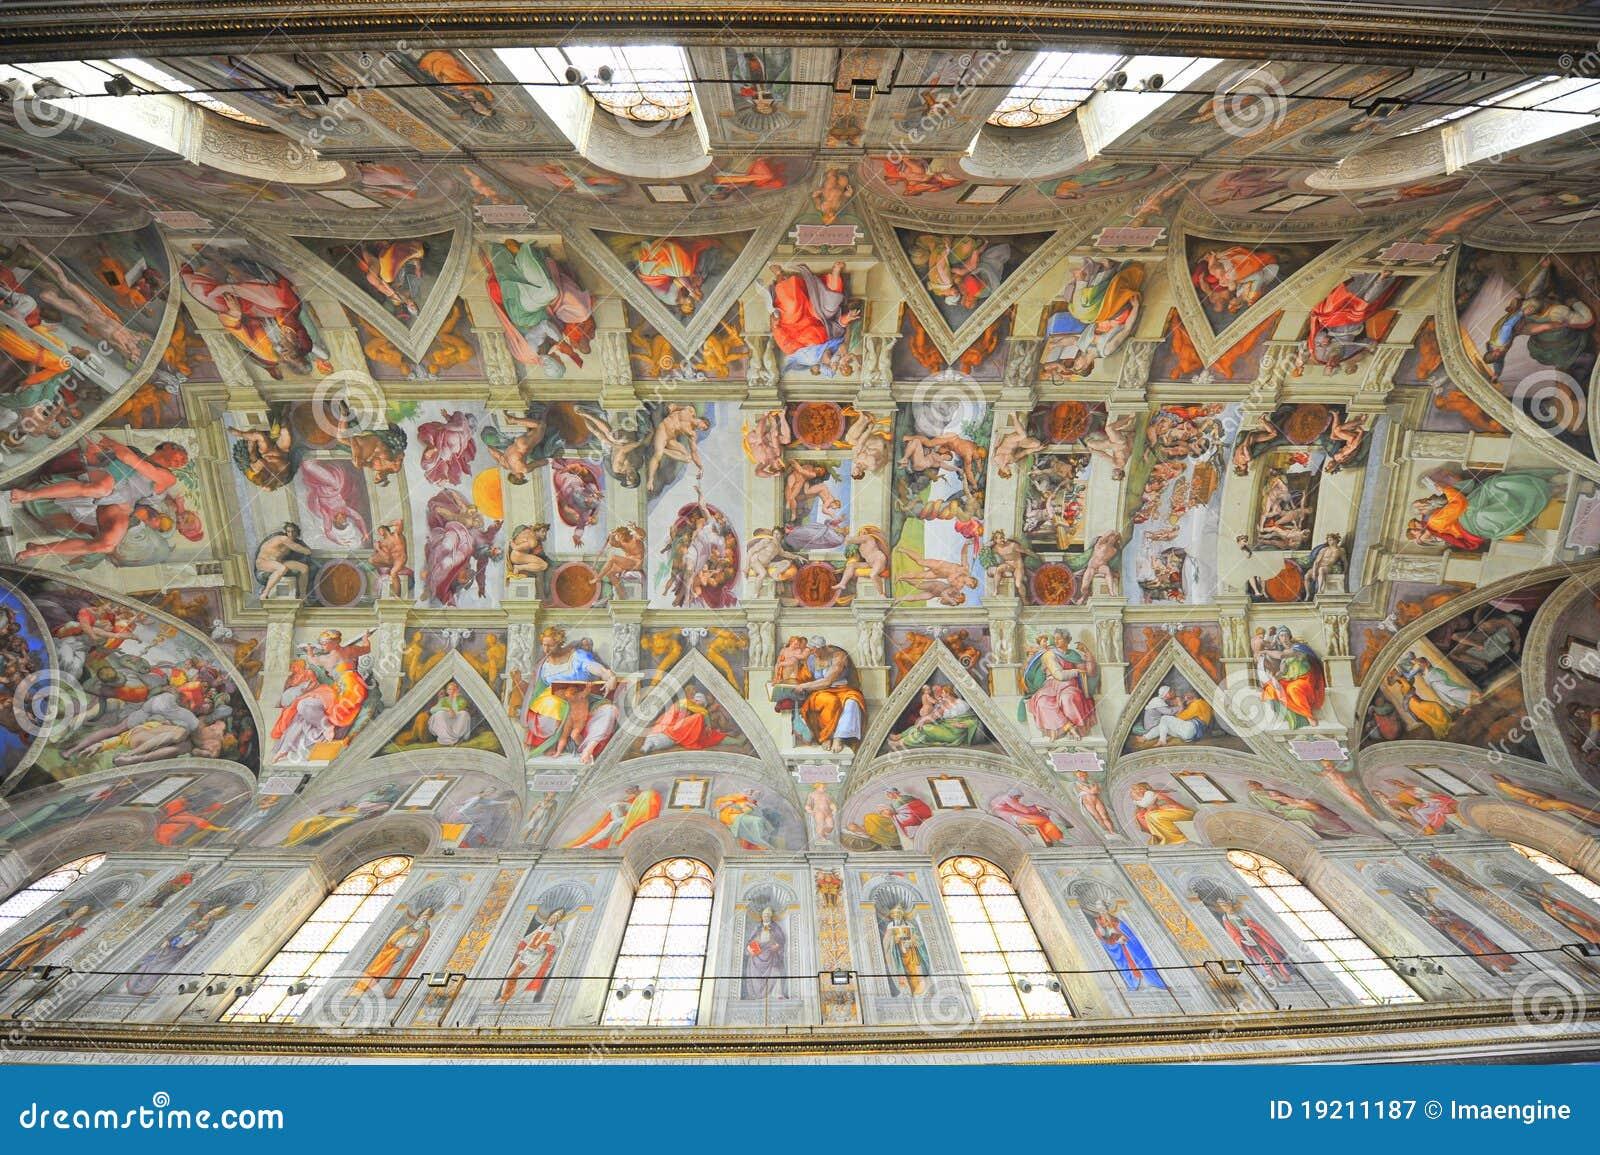 Pinturas de la capilla de Sistine de Michelangelo